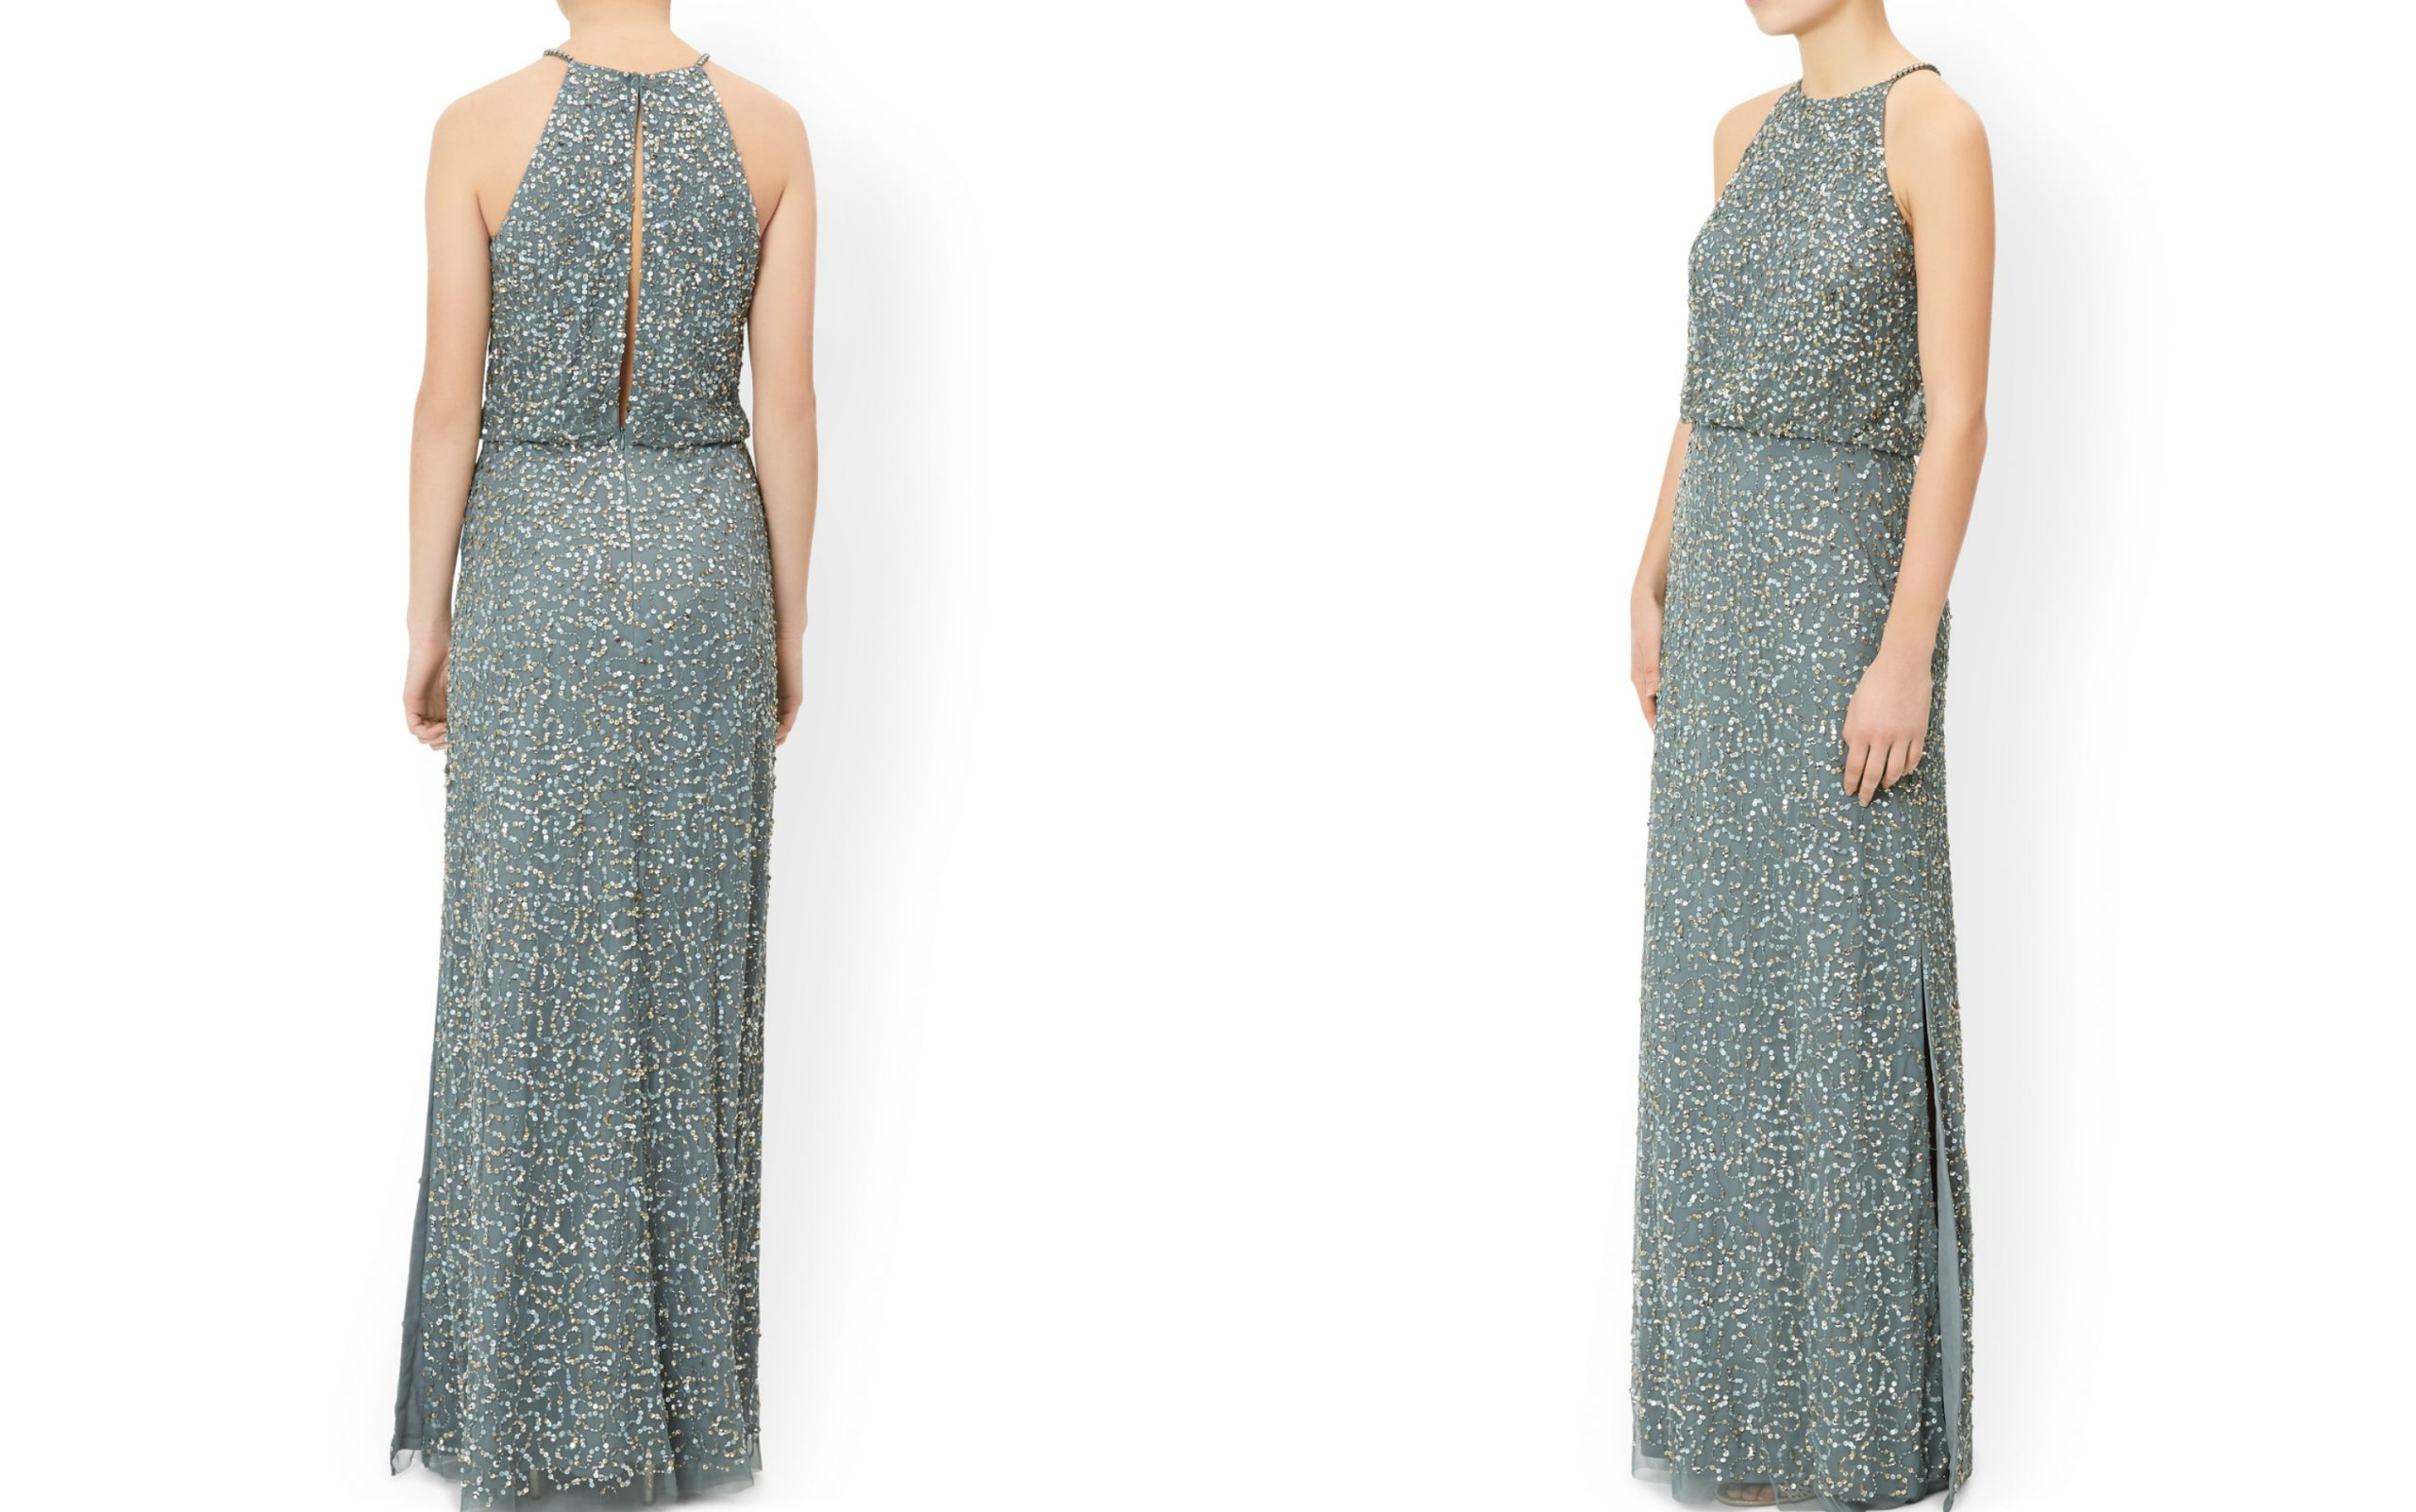 20 Ausgezeichnet Fair Fashion Abendkleid BoutiqueDesigner Wunderbar Fair Fashion Abendkleid Vertrieb